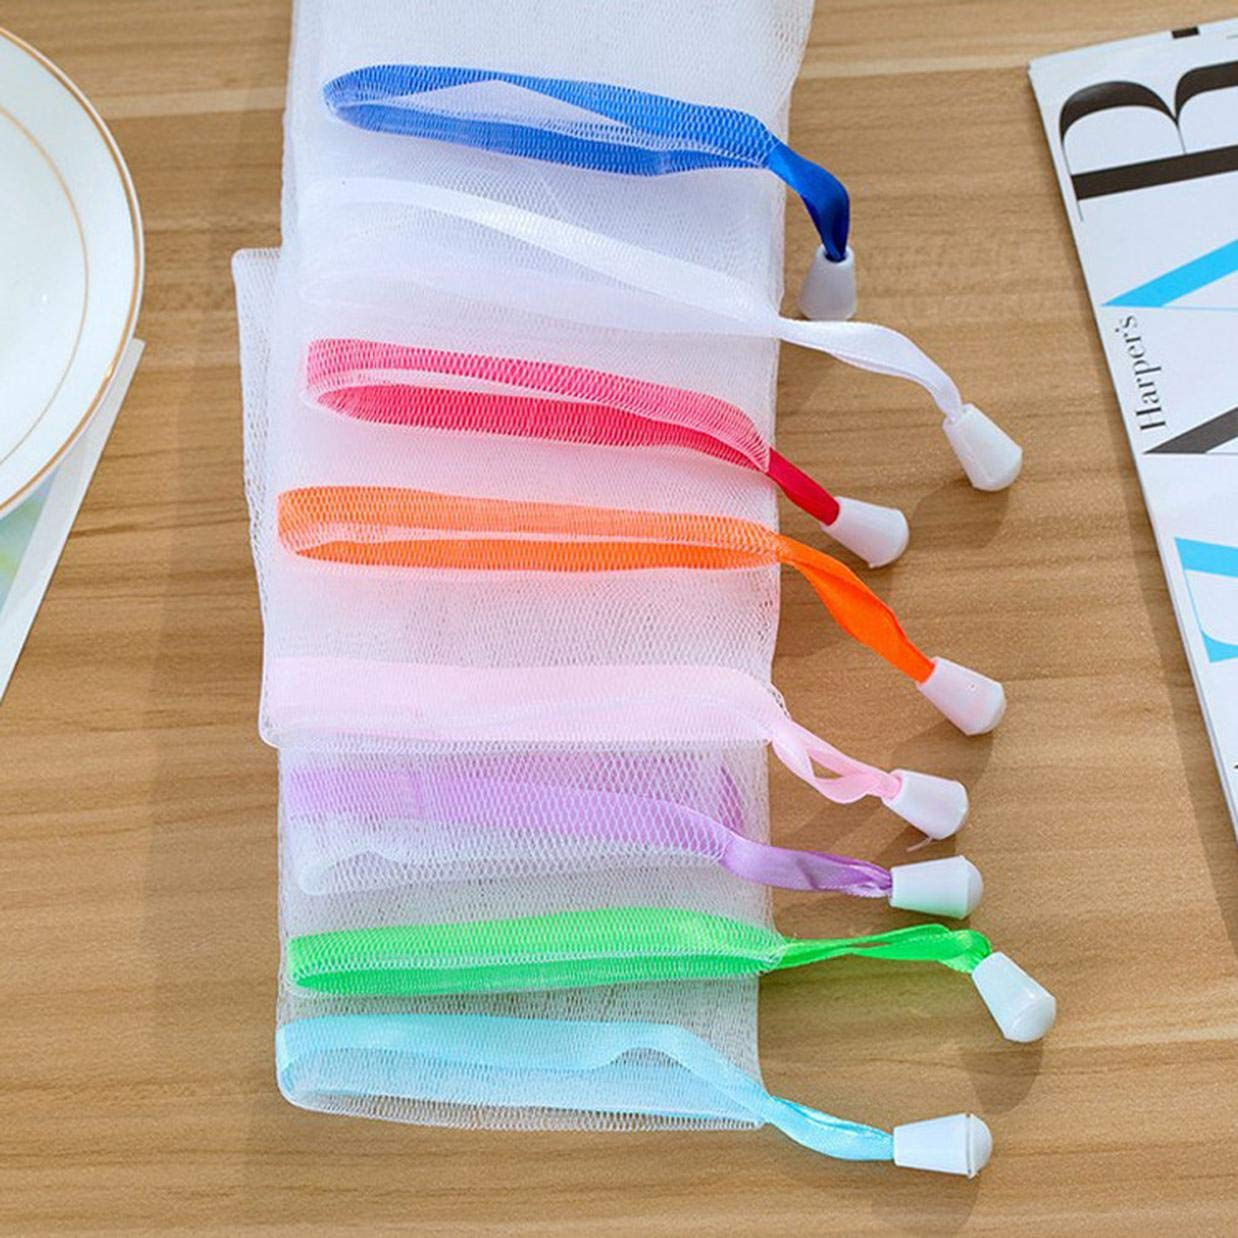 nettoyant Papier cartonn/é pour d/écoration de la Maison xiaoyamyi Lot de 5 Sacs de Savon color/és Faits /à la Main en Mousse antibact/érien